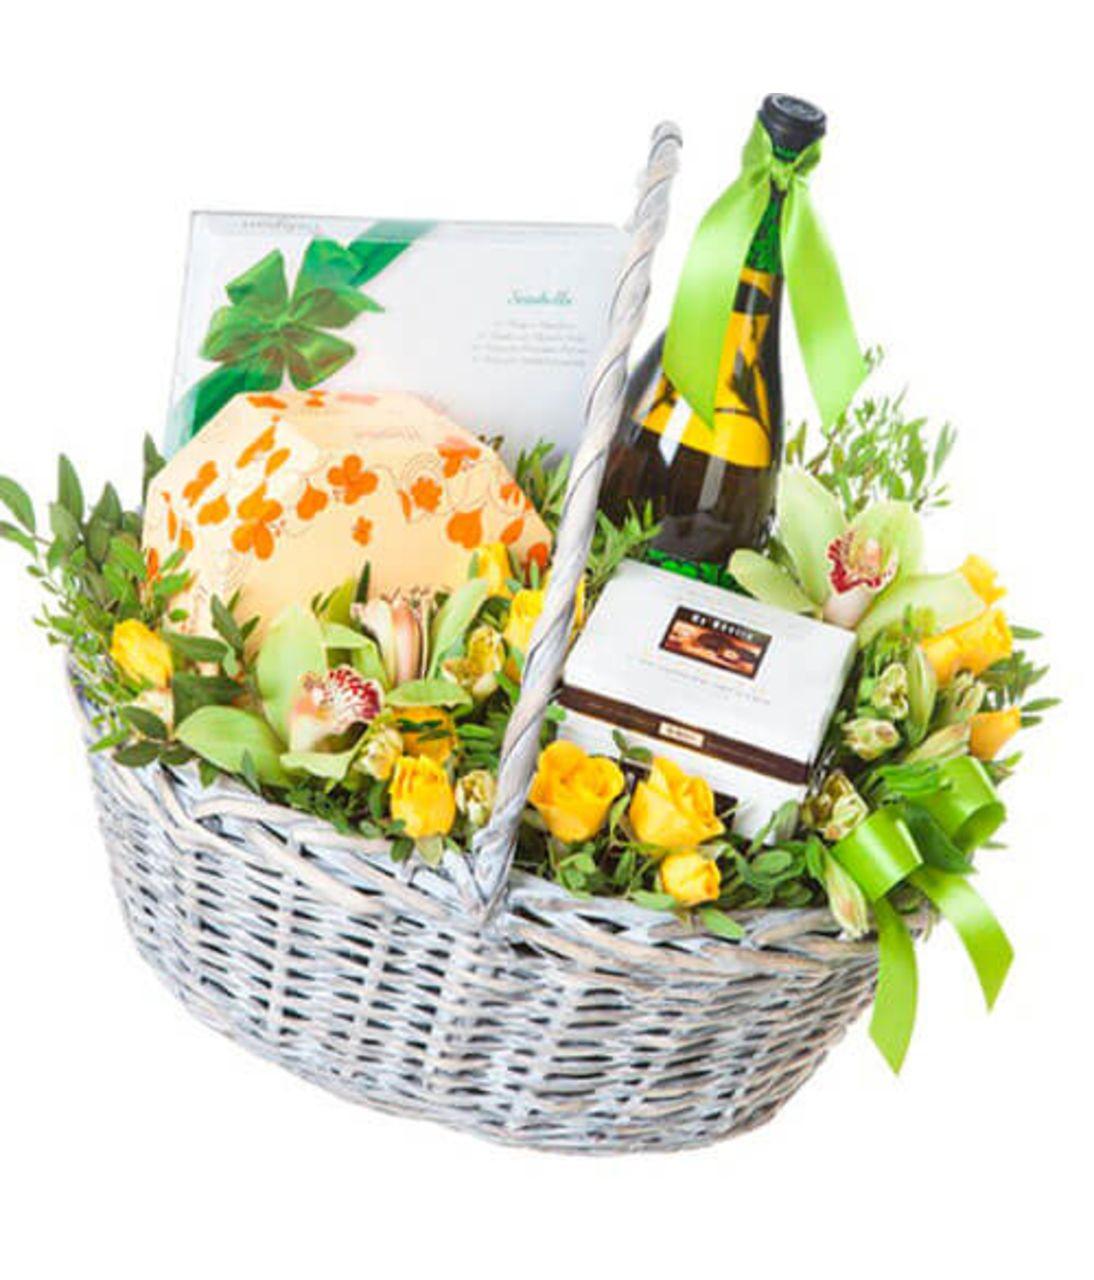 """Подарочная корзина """"Весна"""". Superflowers.com.ua"""